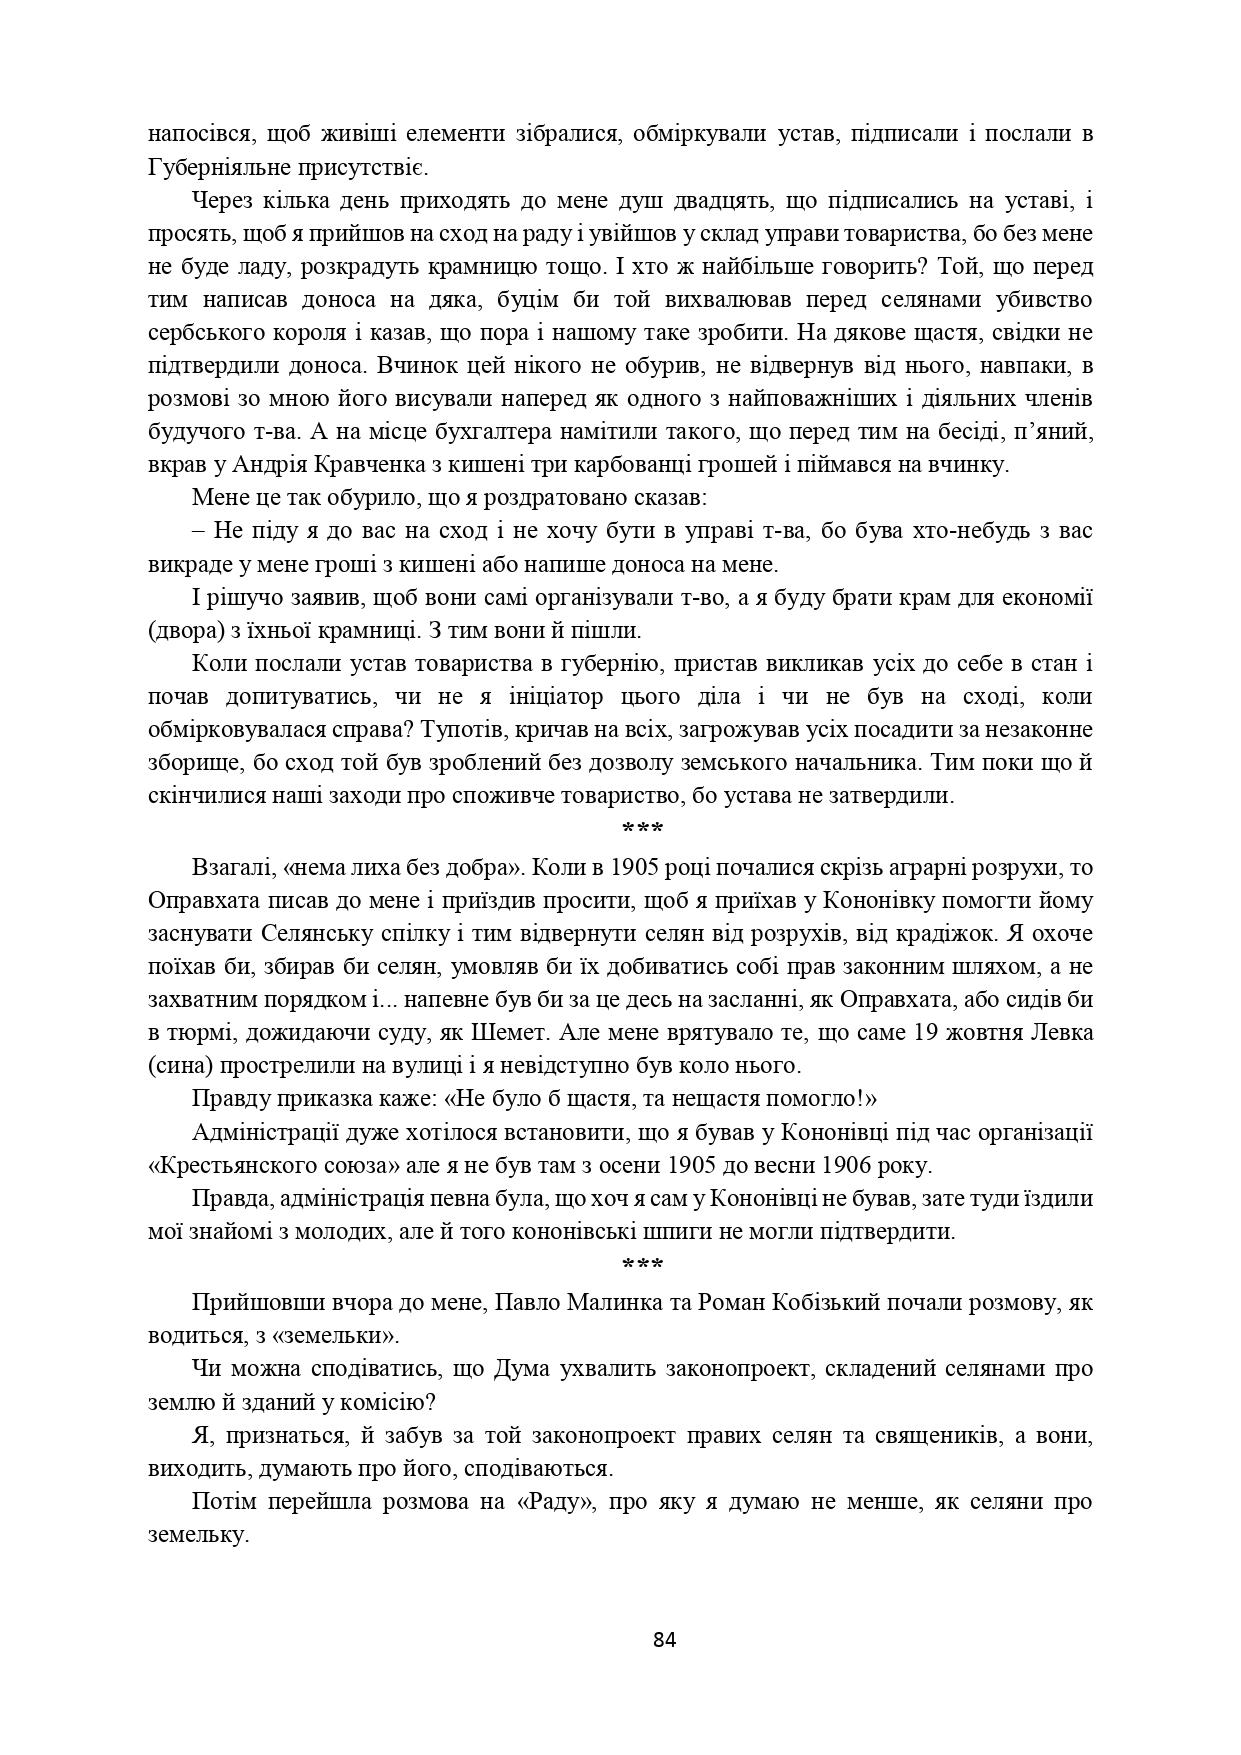 ІСТОРІЯ СЕЛА КОНОНІВКА 2021 (1)_page-0084